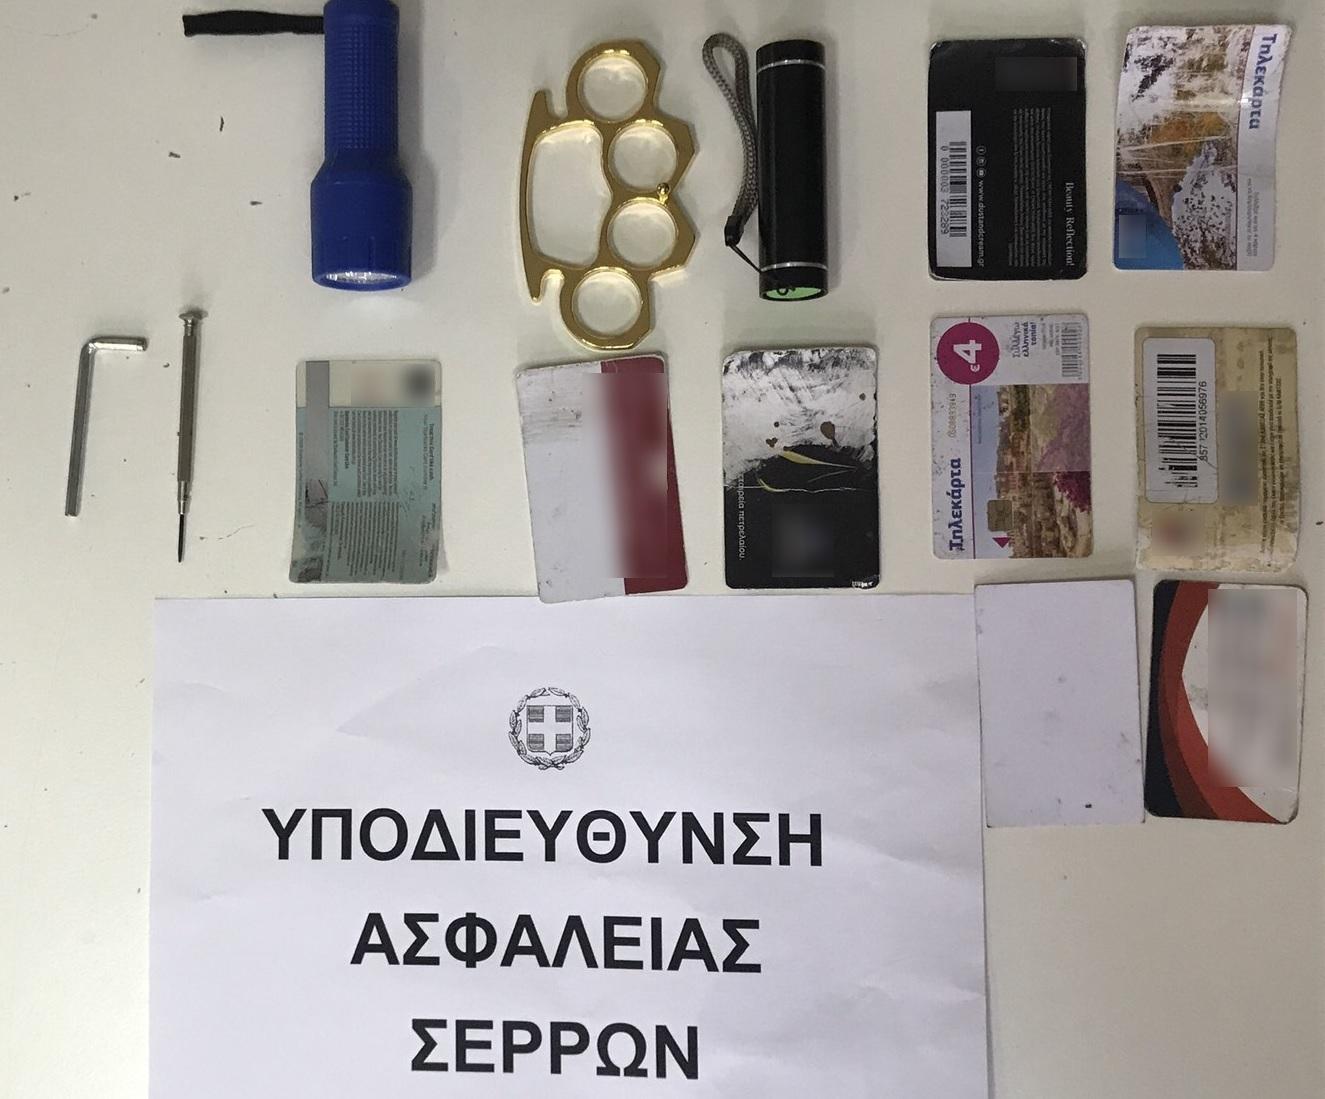 Συνελήφθη άμεσα ένας ημεδαπός άνδρας στις Σέρρες για απόπειρα ληστείας σε διαμέρισμα αλλοδαπής γυναίκας